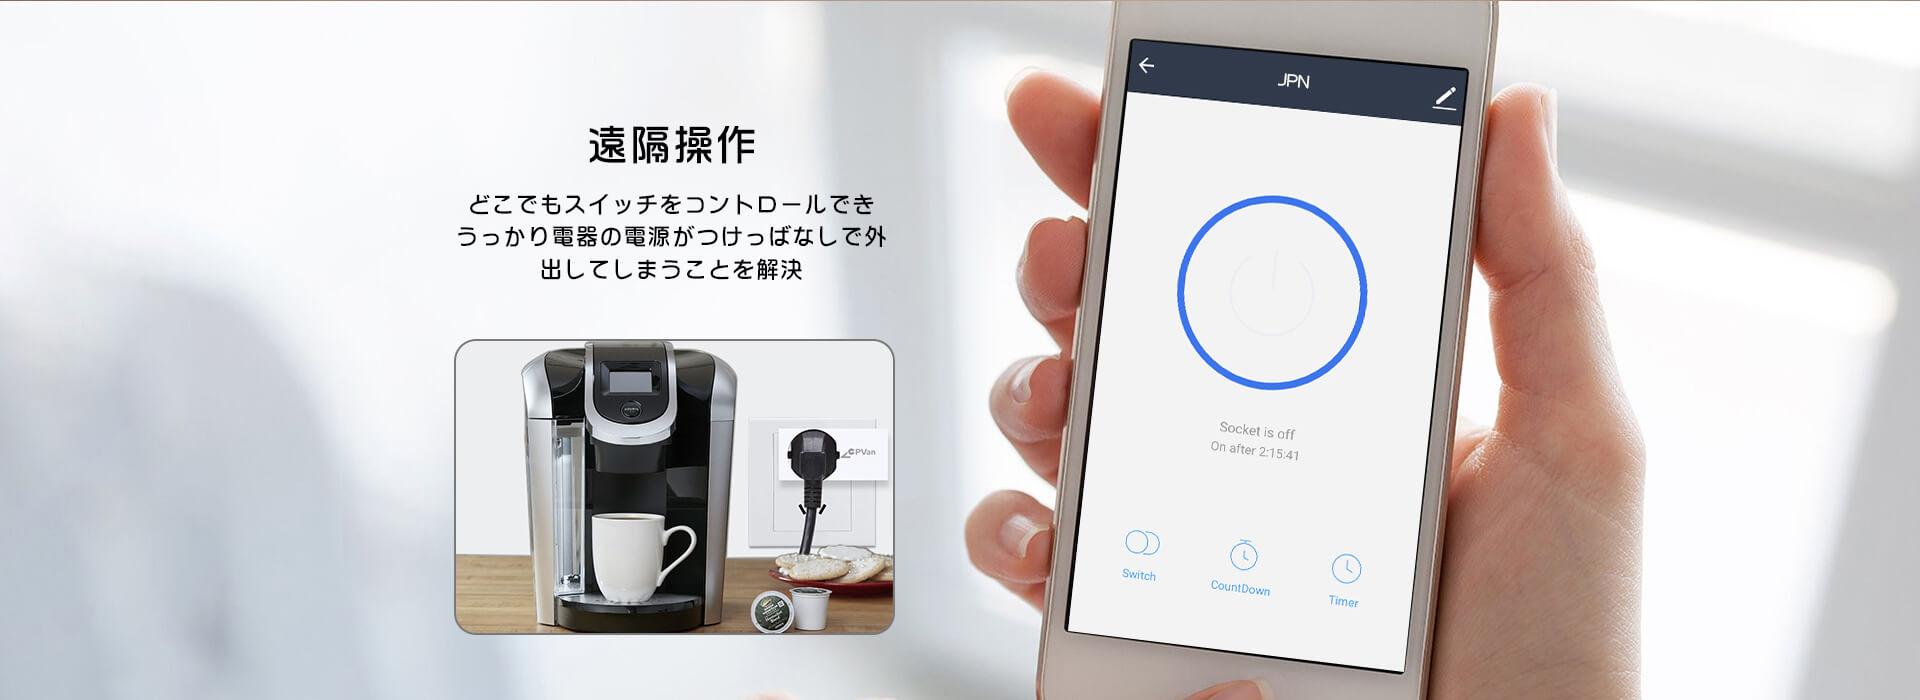 JP Smart Plug